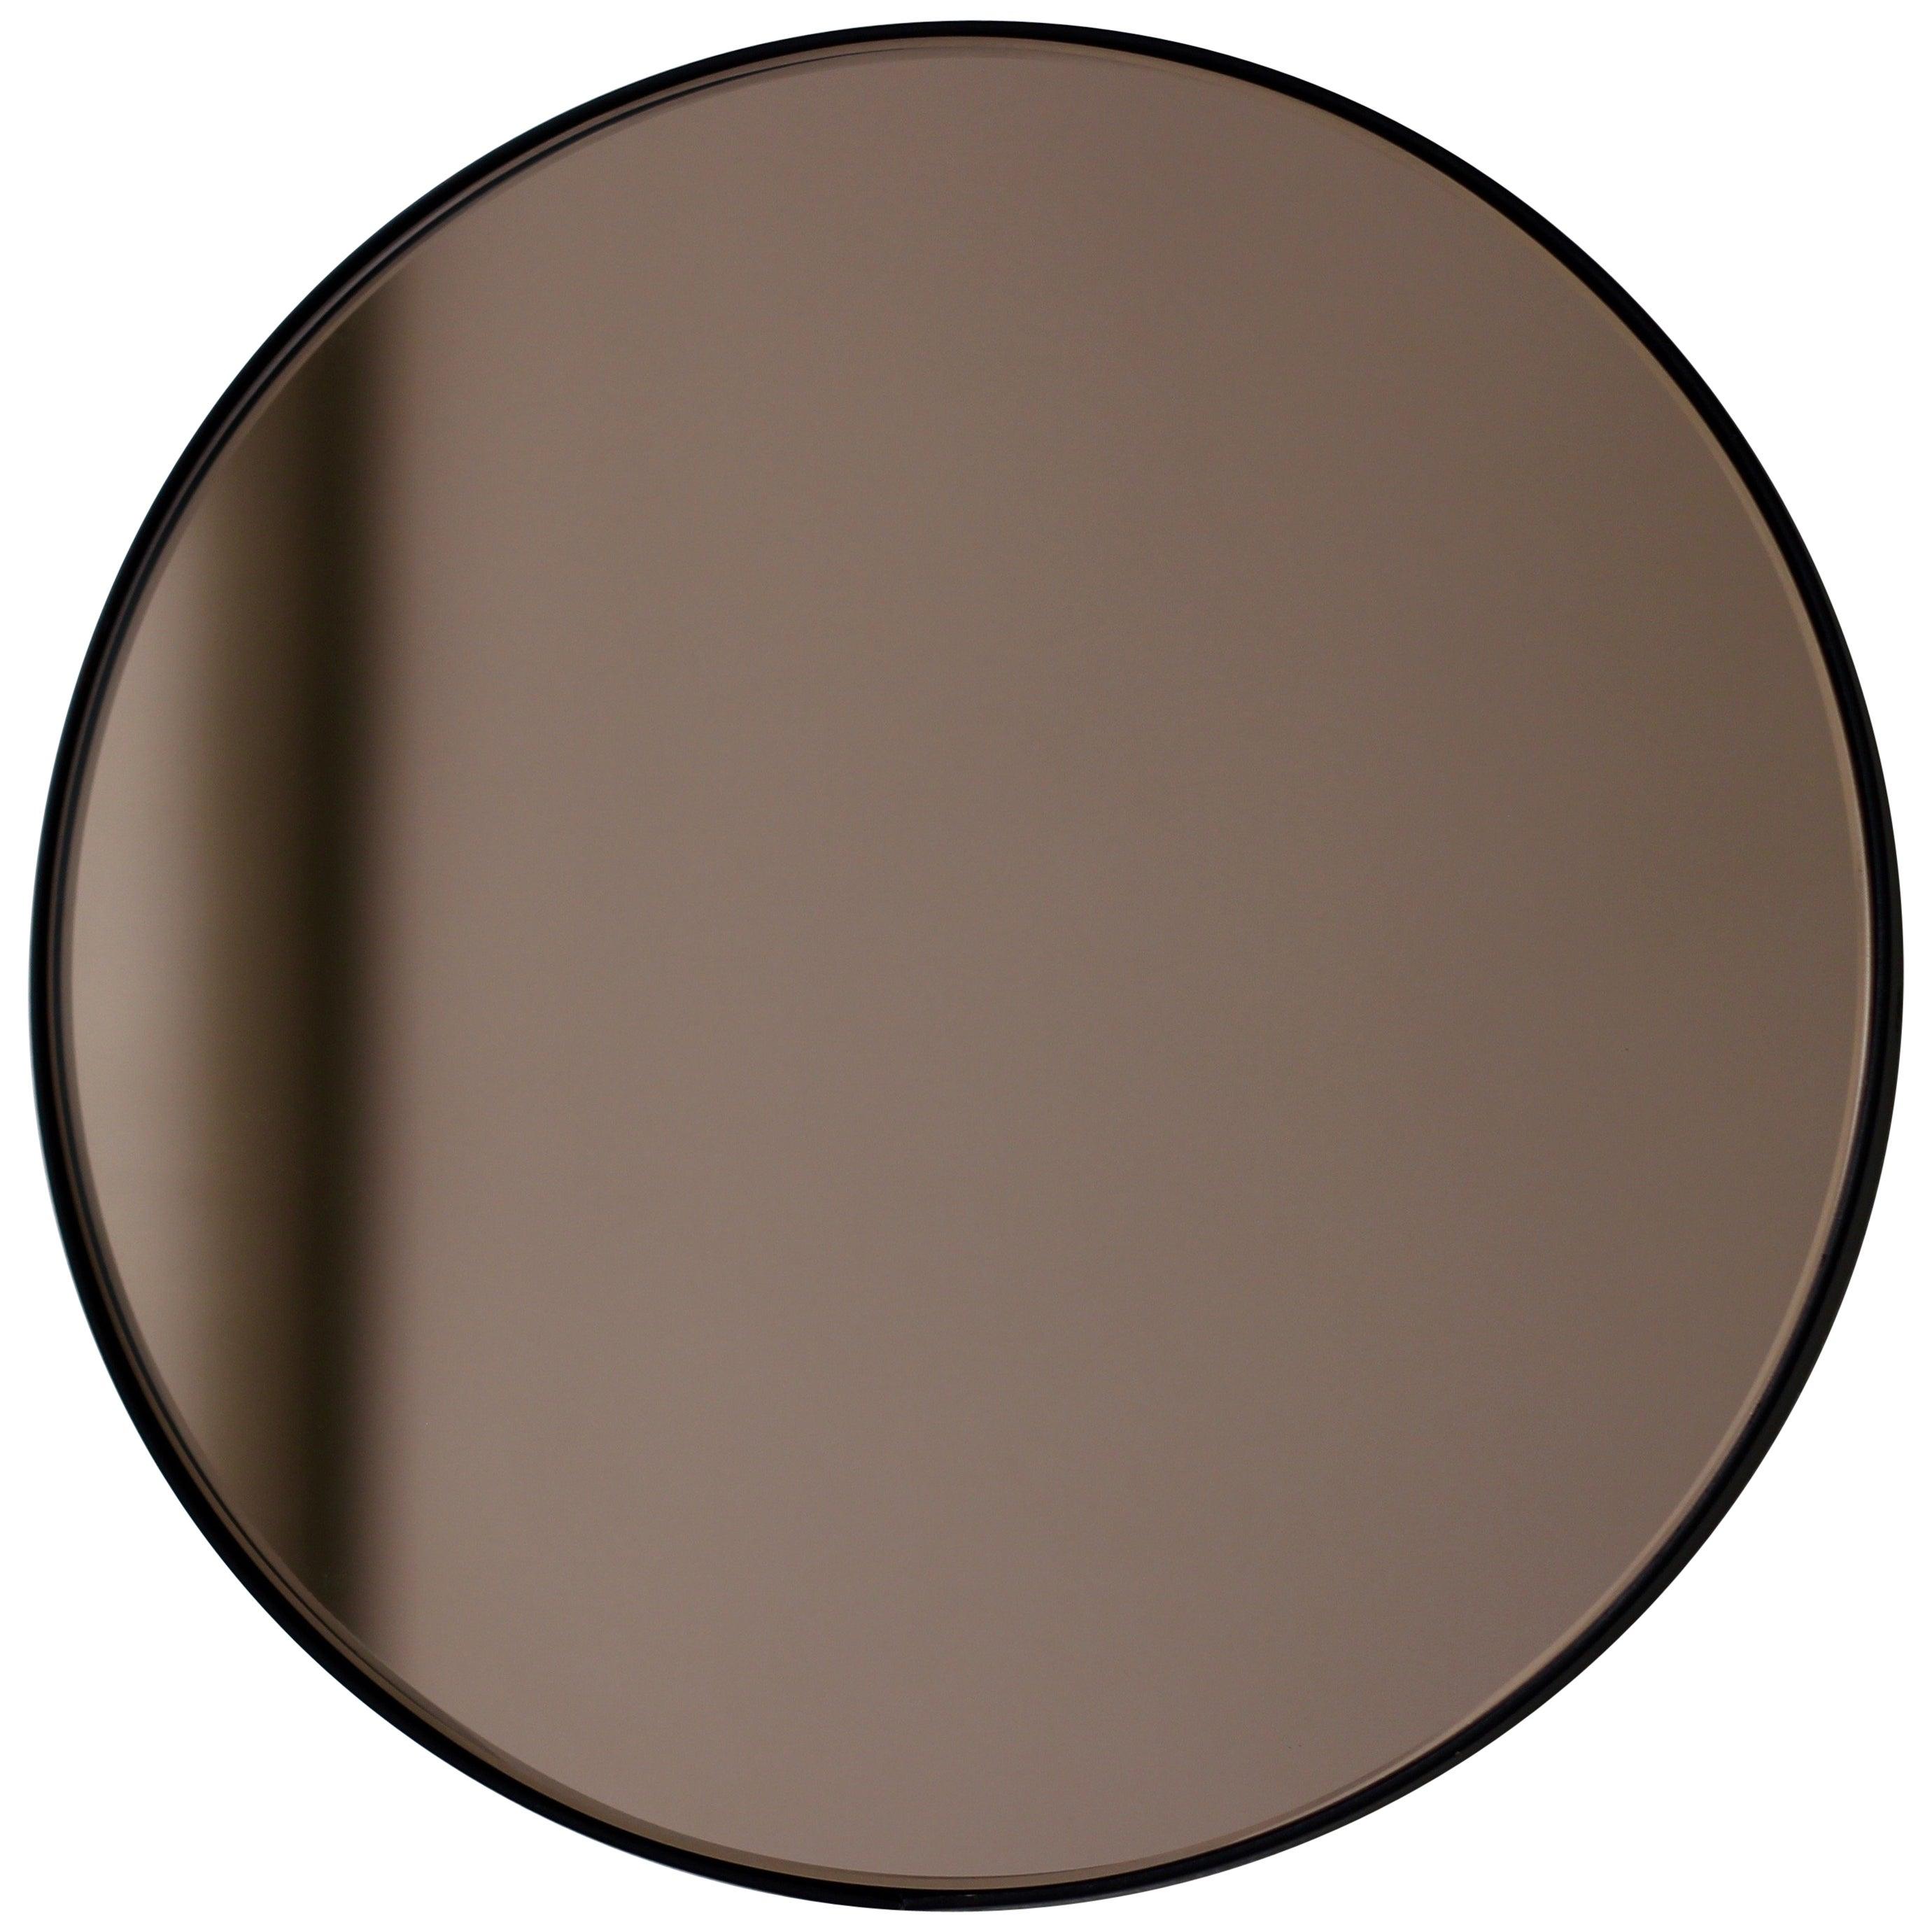 Orbis™  Bronze Tinted Modern Art Deco Round Mirror with Black Frame, Oversized